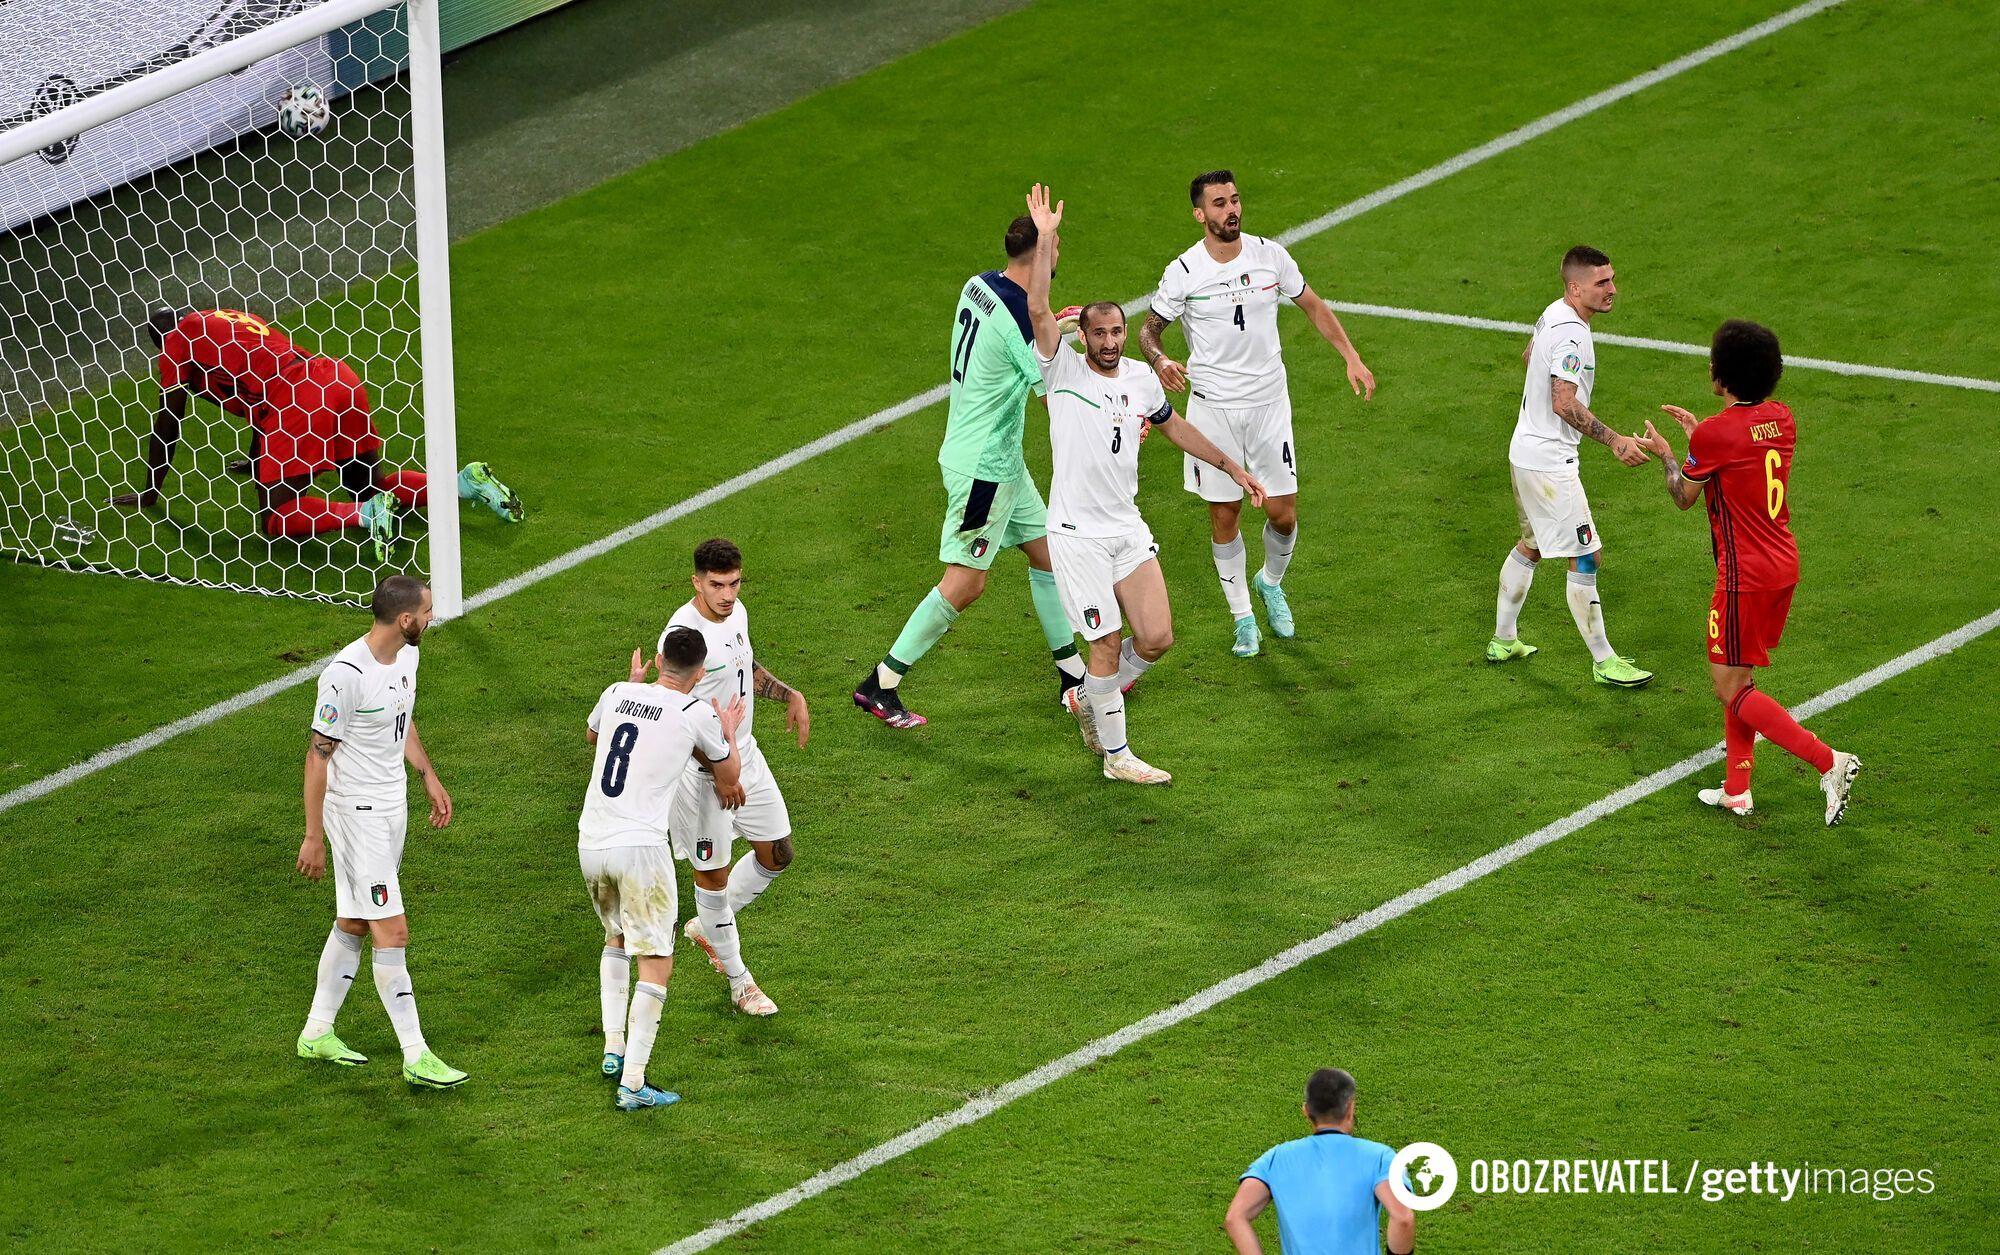 Бельгія не змогла забити у другому таймі.